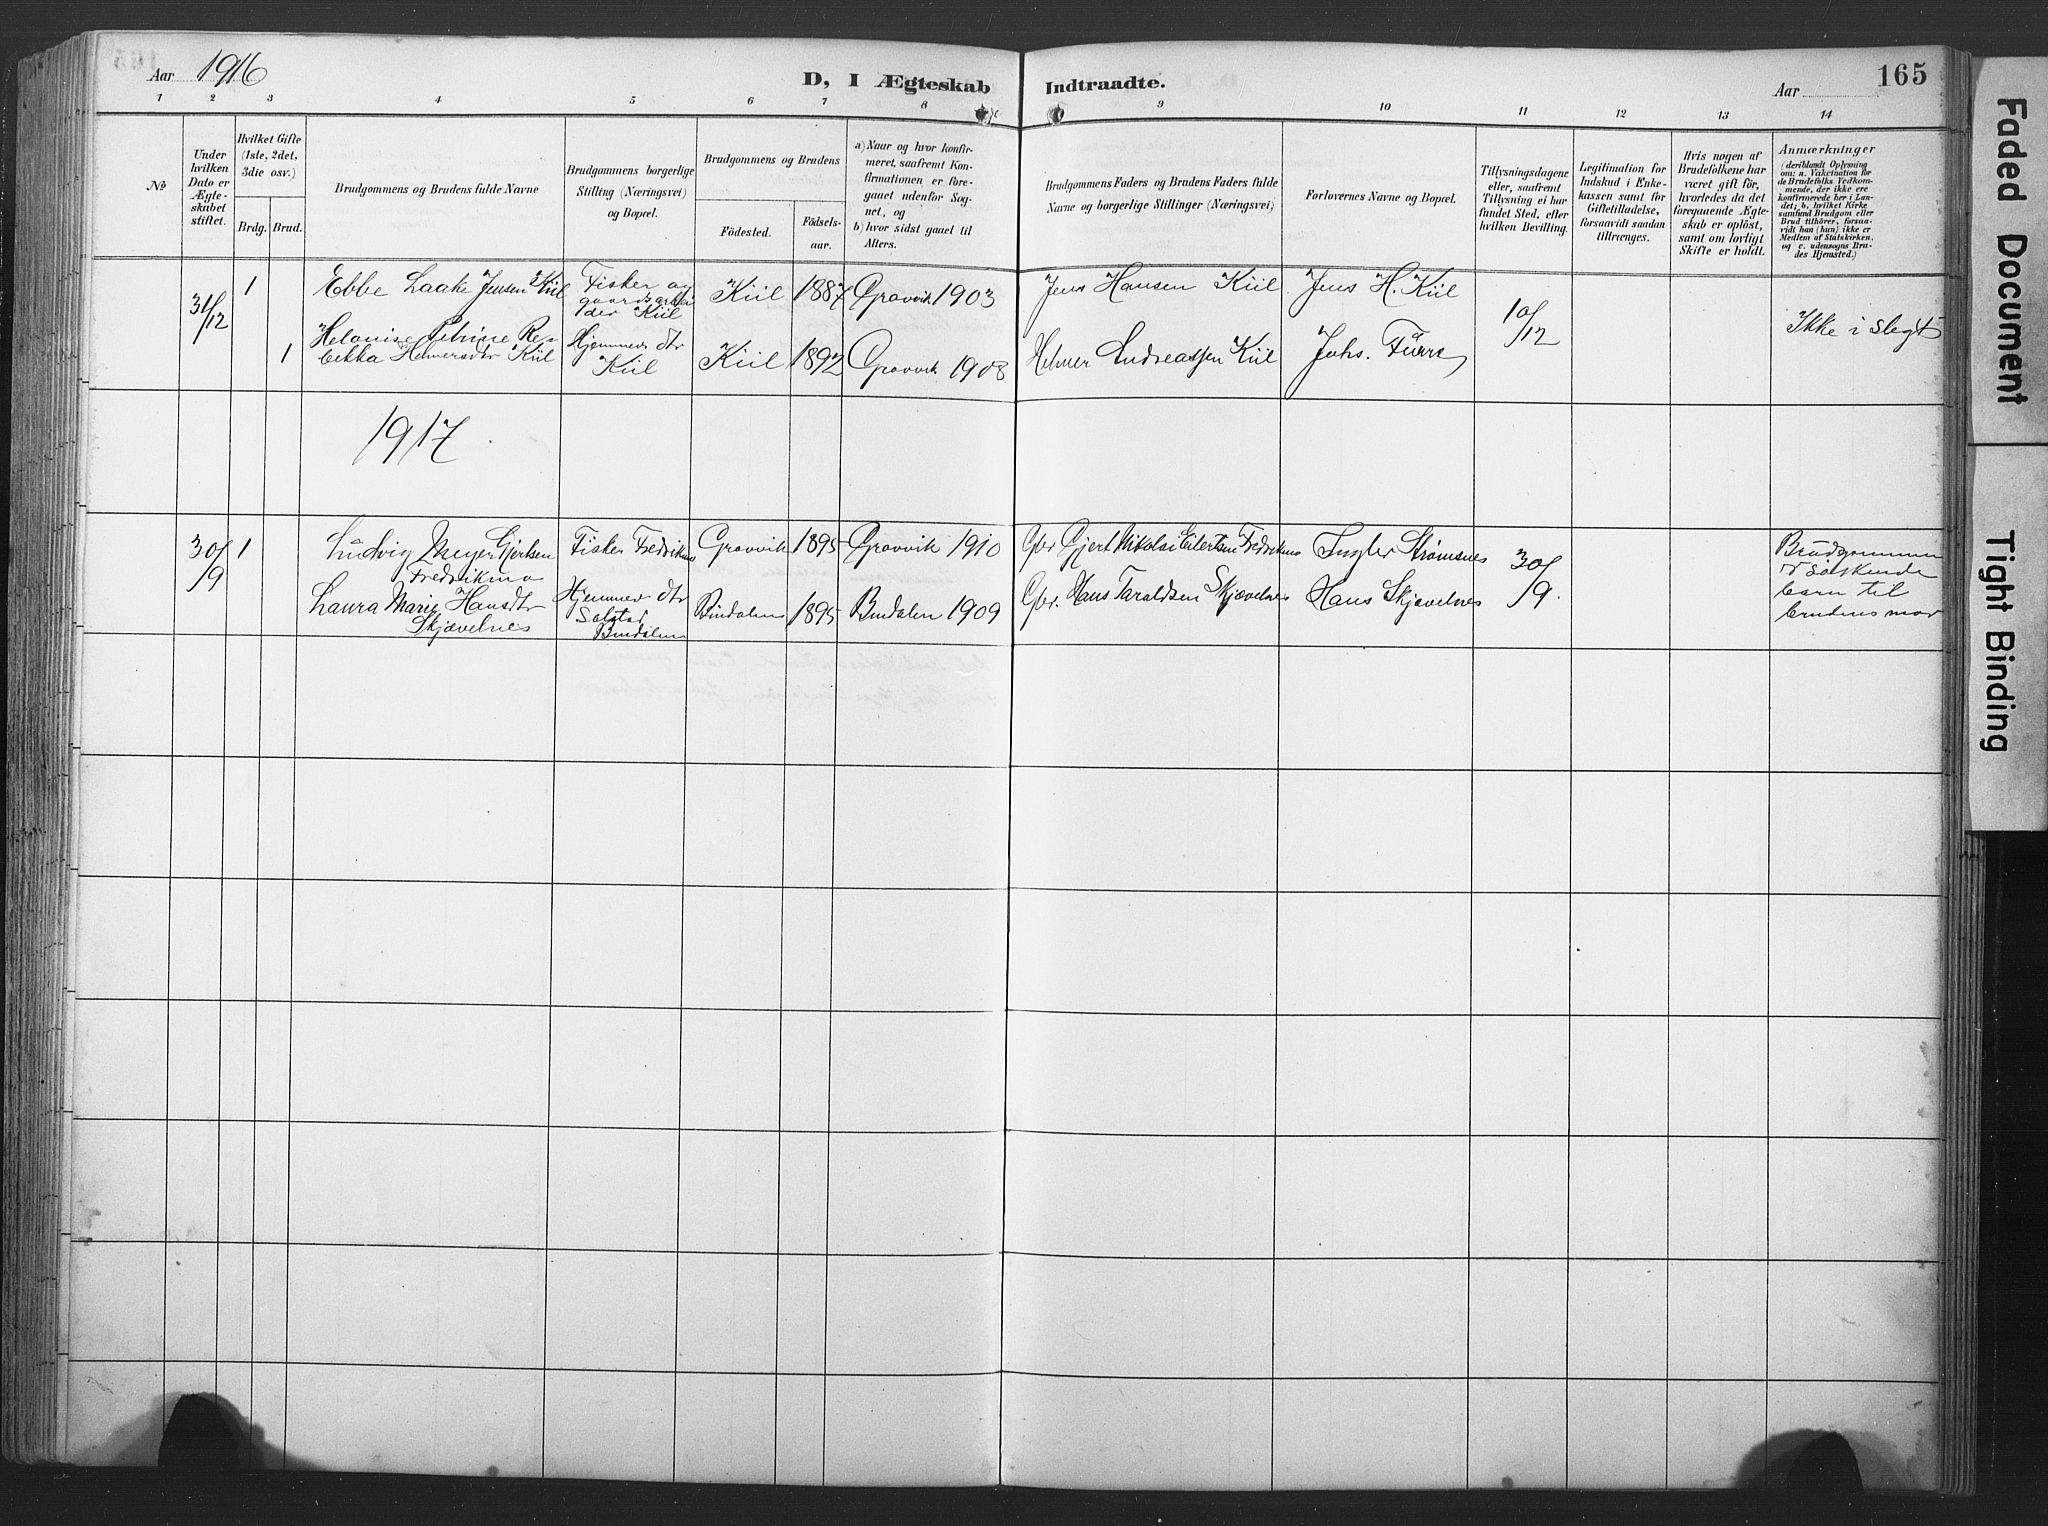 SAT, Ministerialprotokoller, klokkerbøker og fødselsregistre - Nord-Trøndelag, 789/L0706: Klokkerbok nr. 789C01, 1888-1931, s. 165